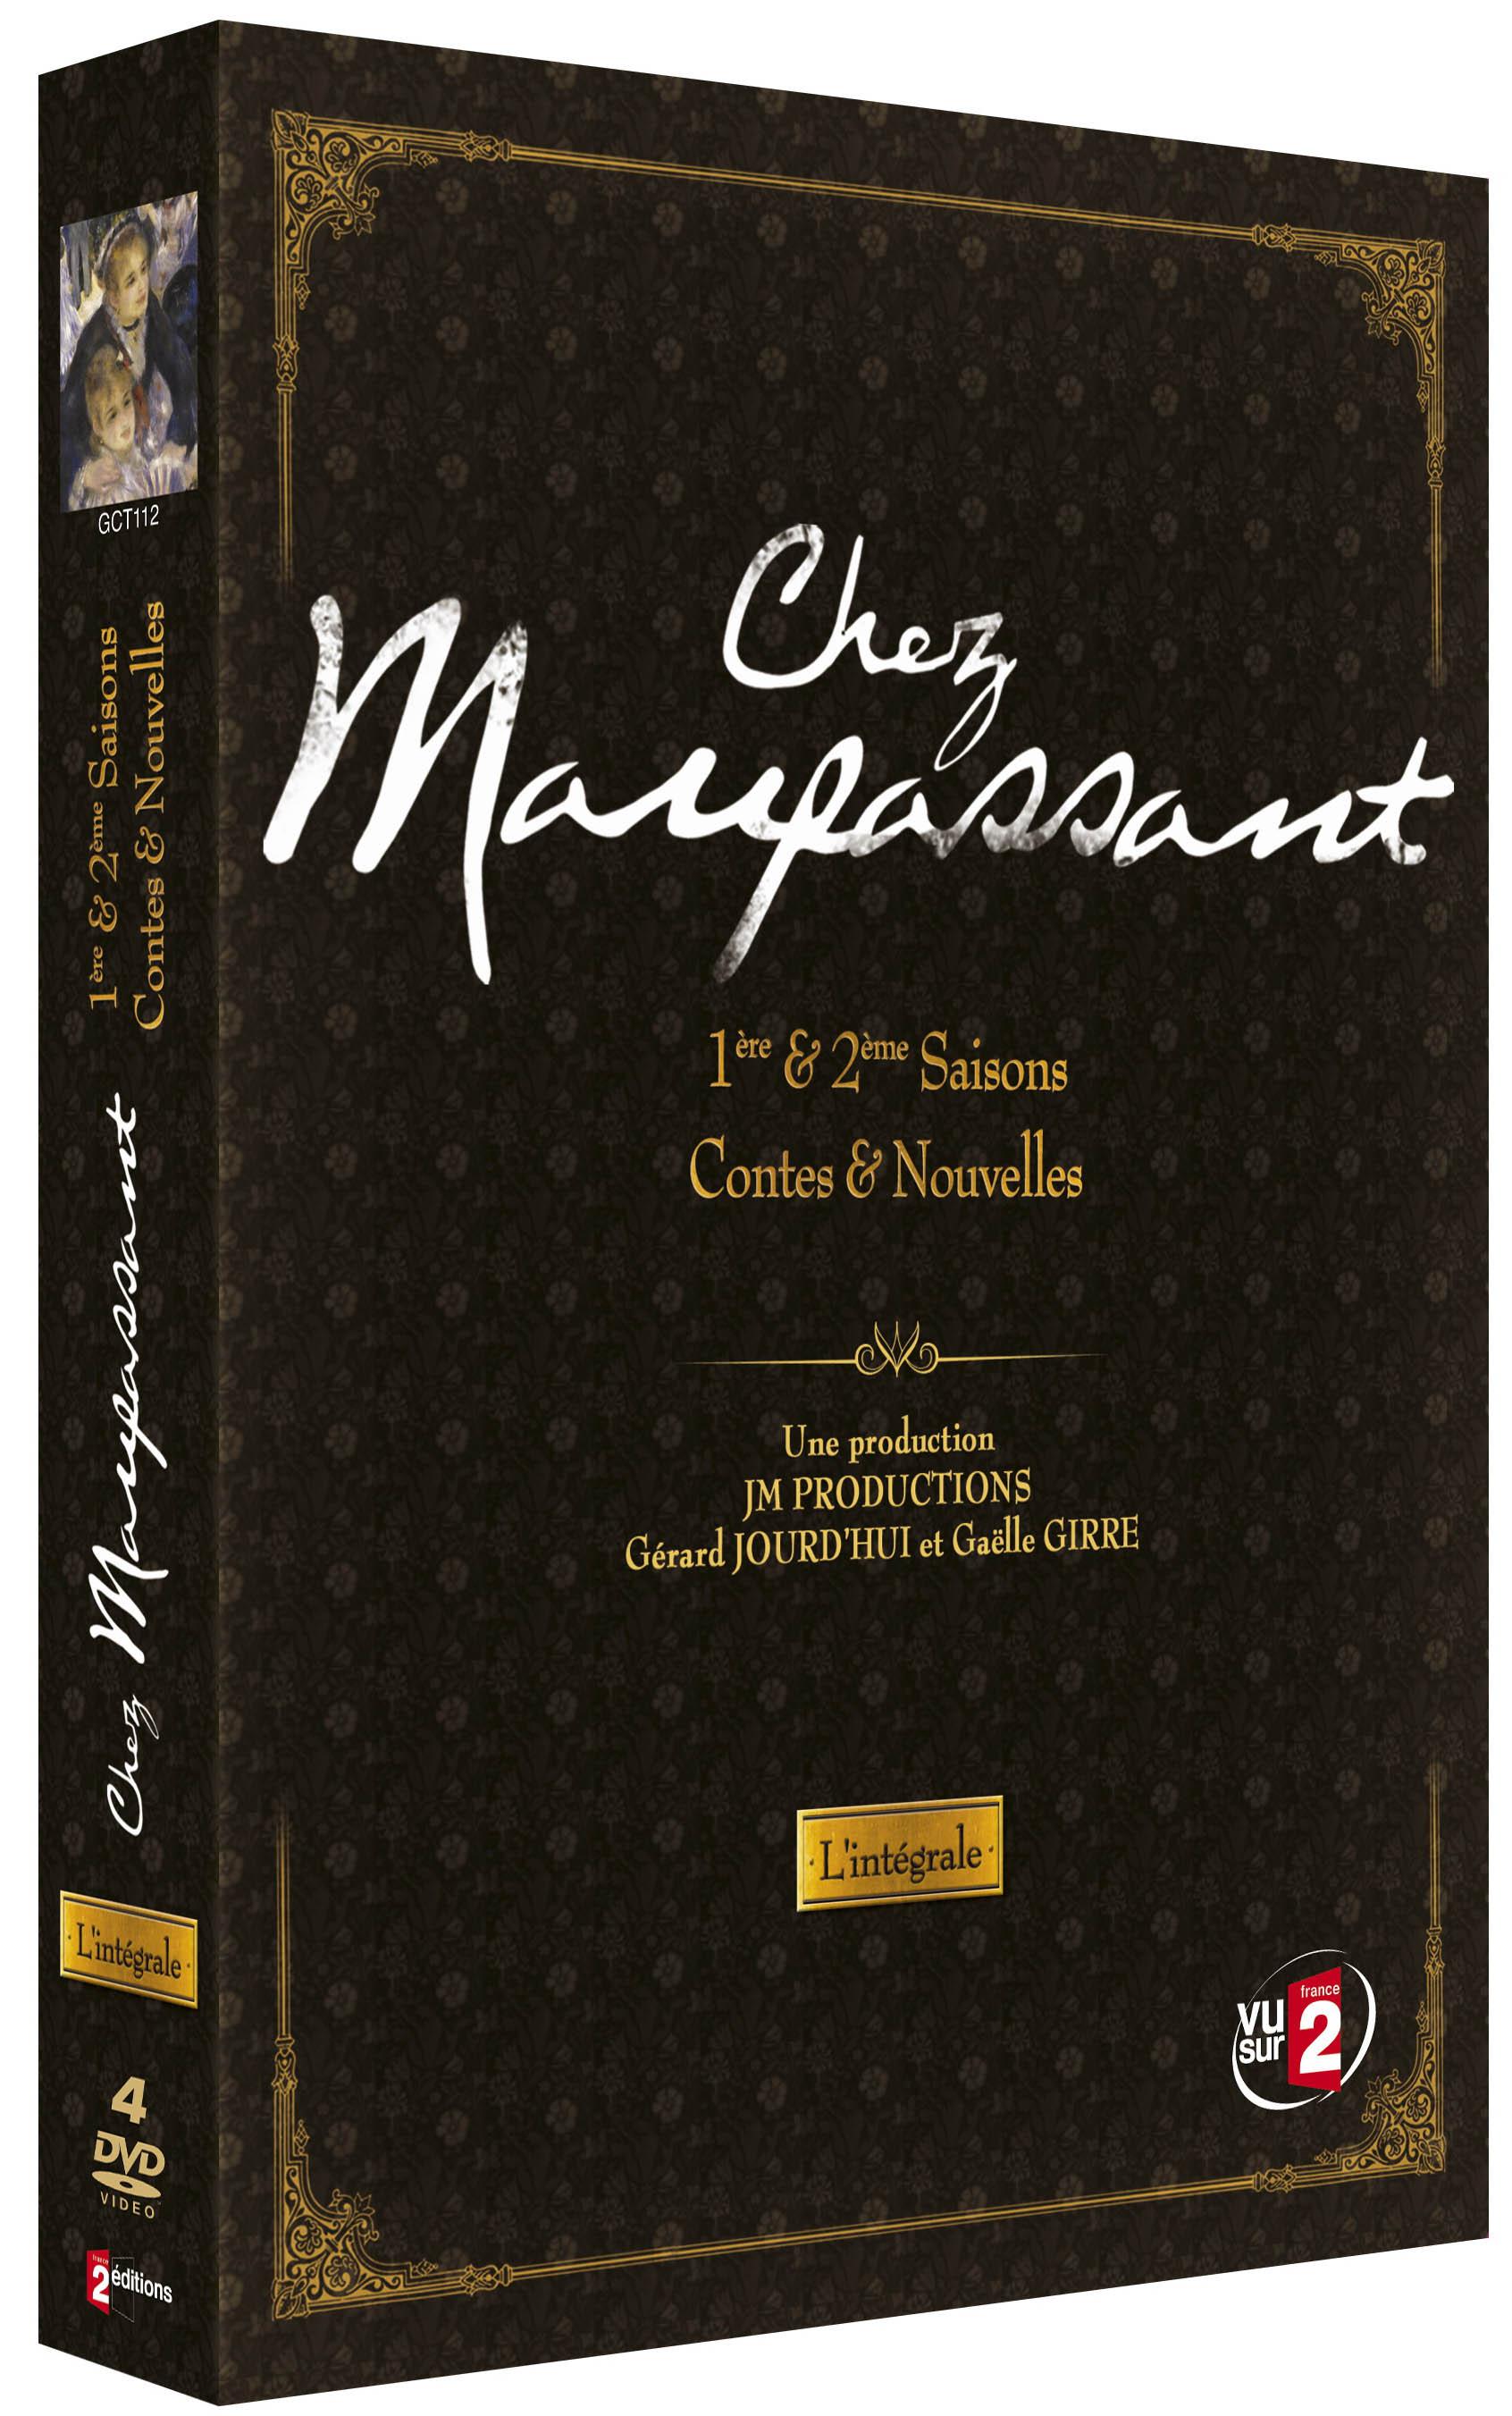 Chez Maupassant - Contes & Nouvelles - 1ère & 2ème saisons